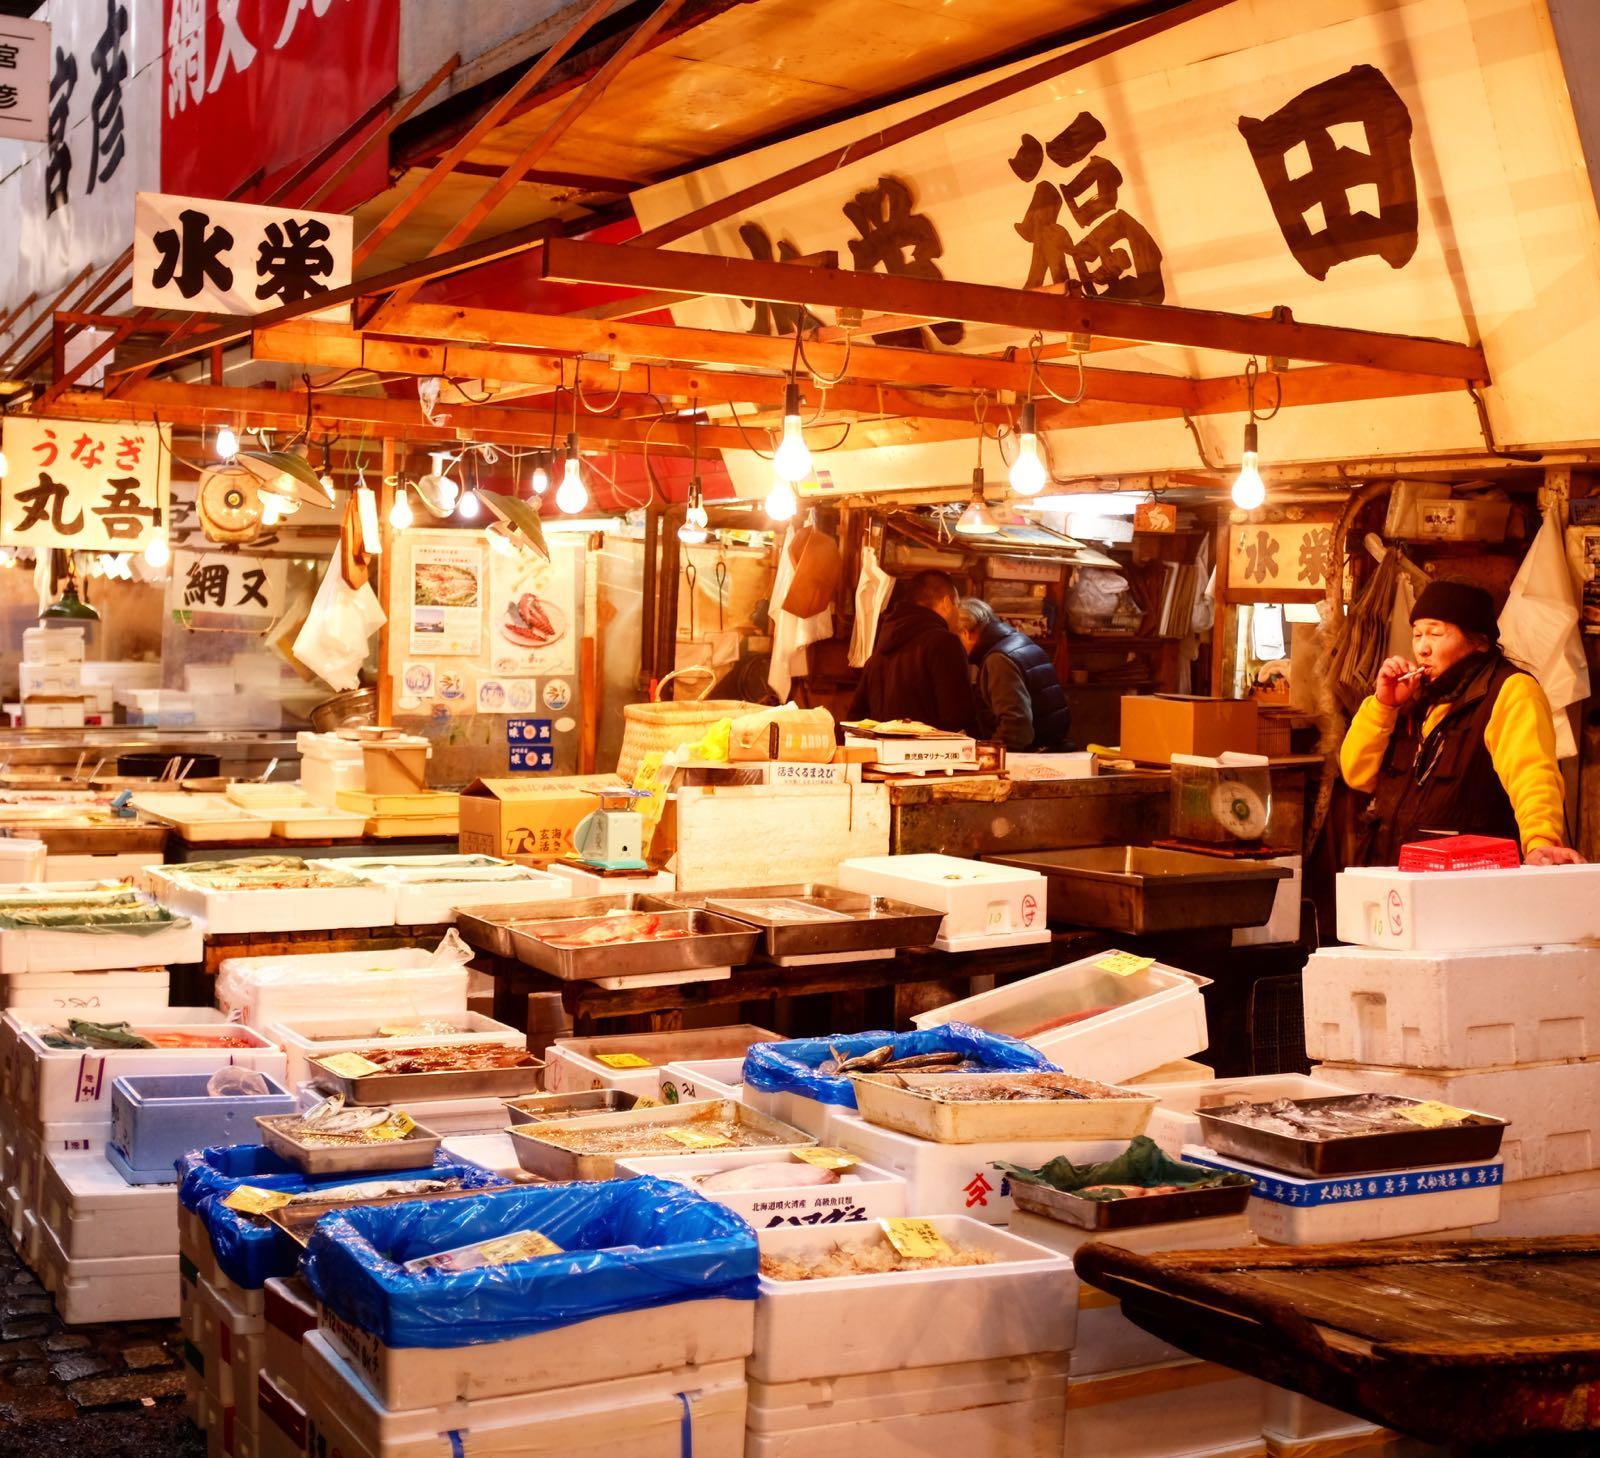 Le Chameau Bleu - Marché de Tsukiji - Fish Market Japan